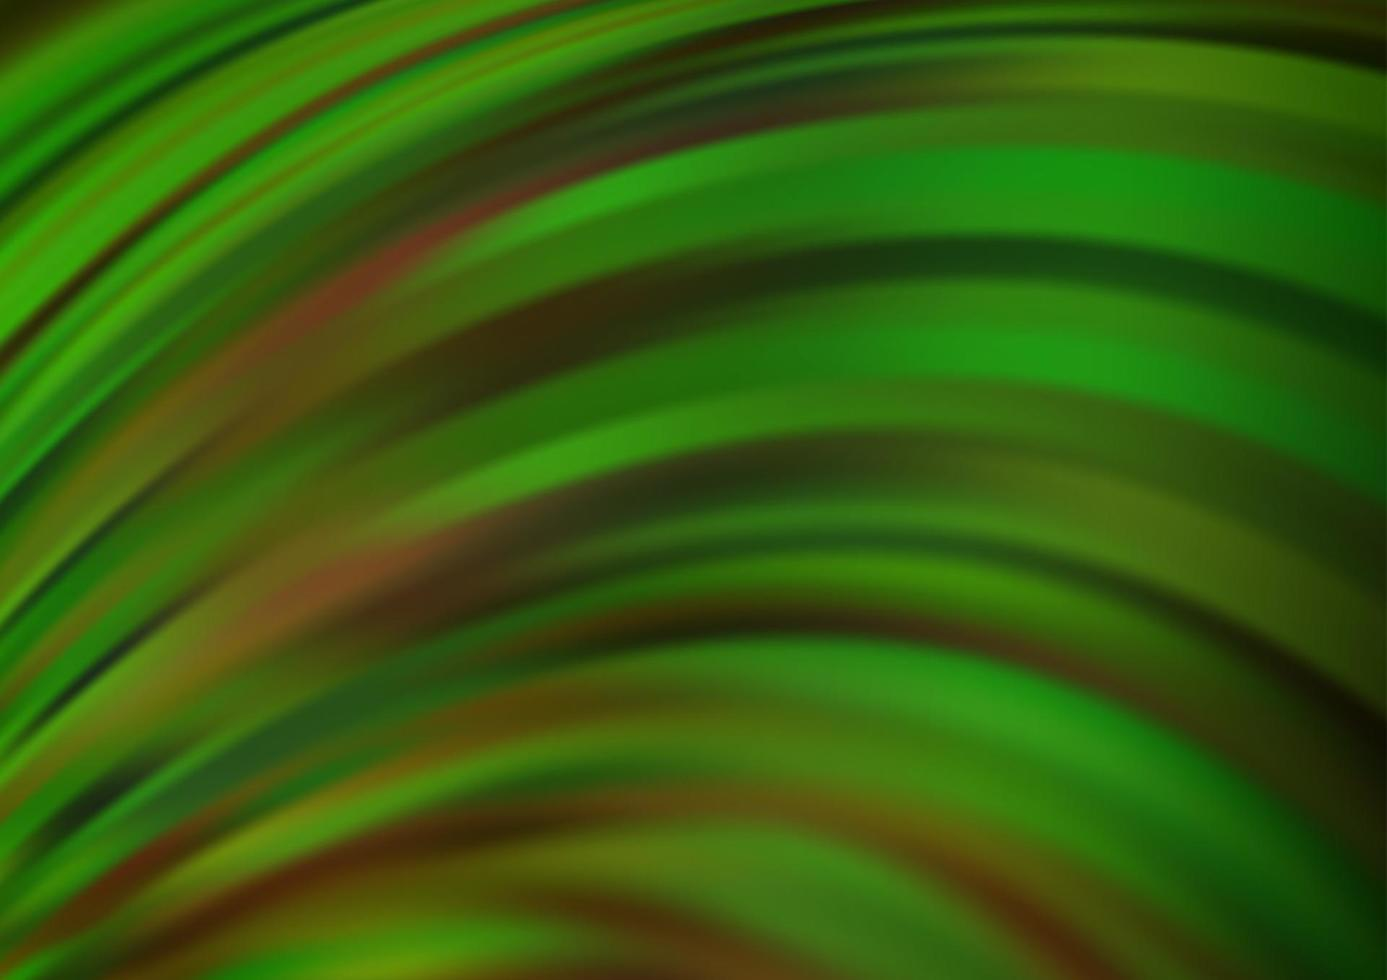 fundo verde claro do vetor com formas líquidas.